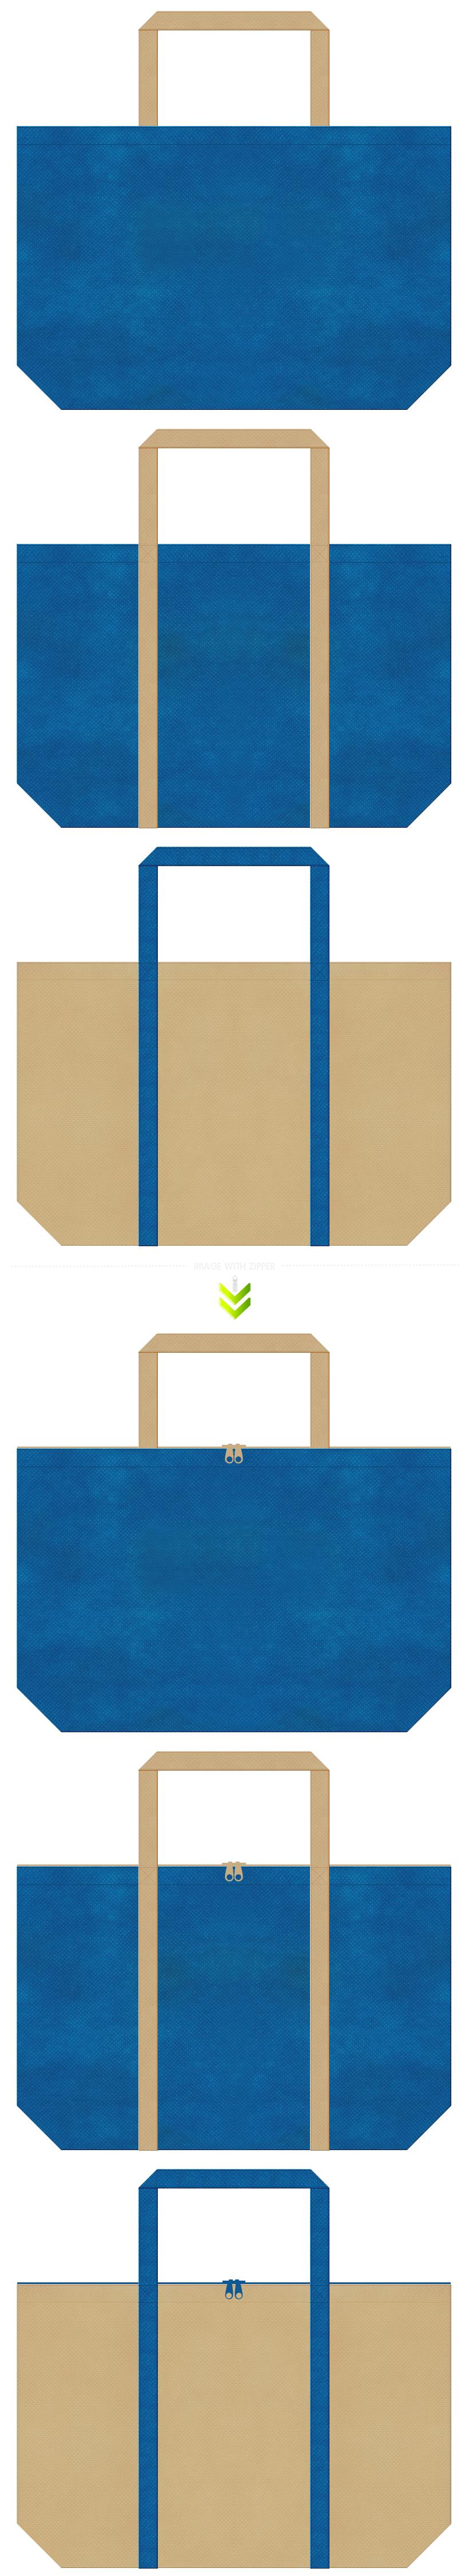 青色とカーキ色の不織布エコバッグのデザイン。